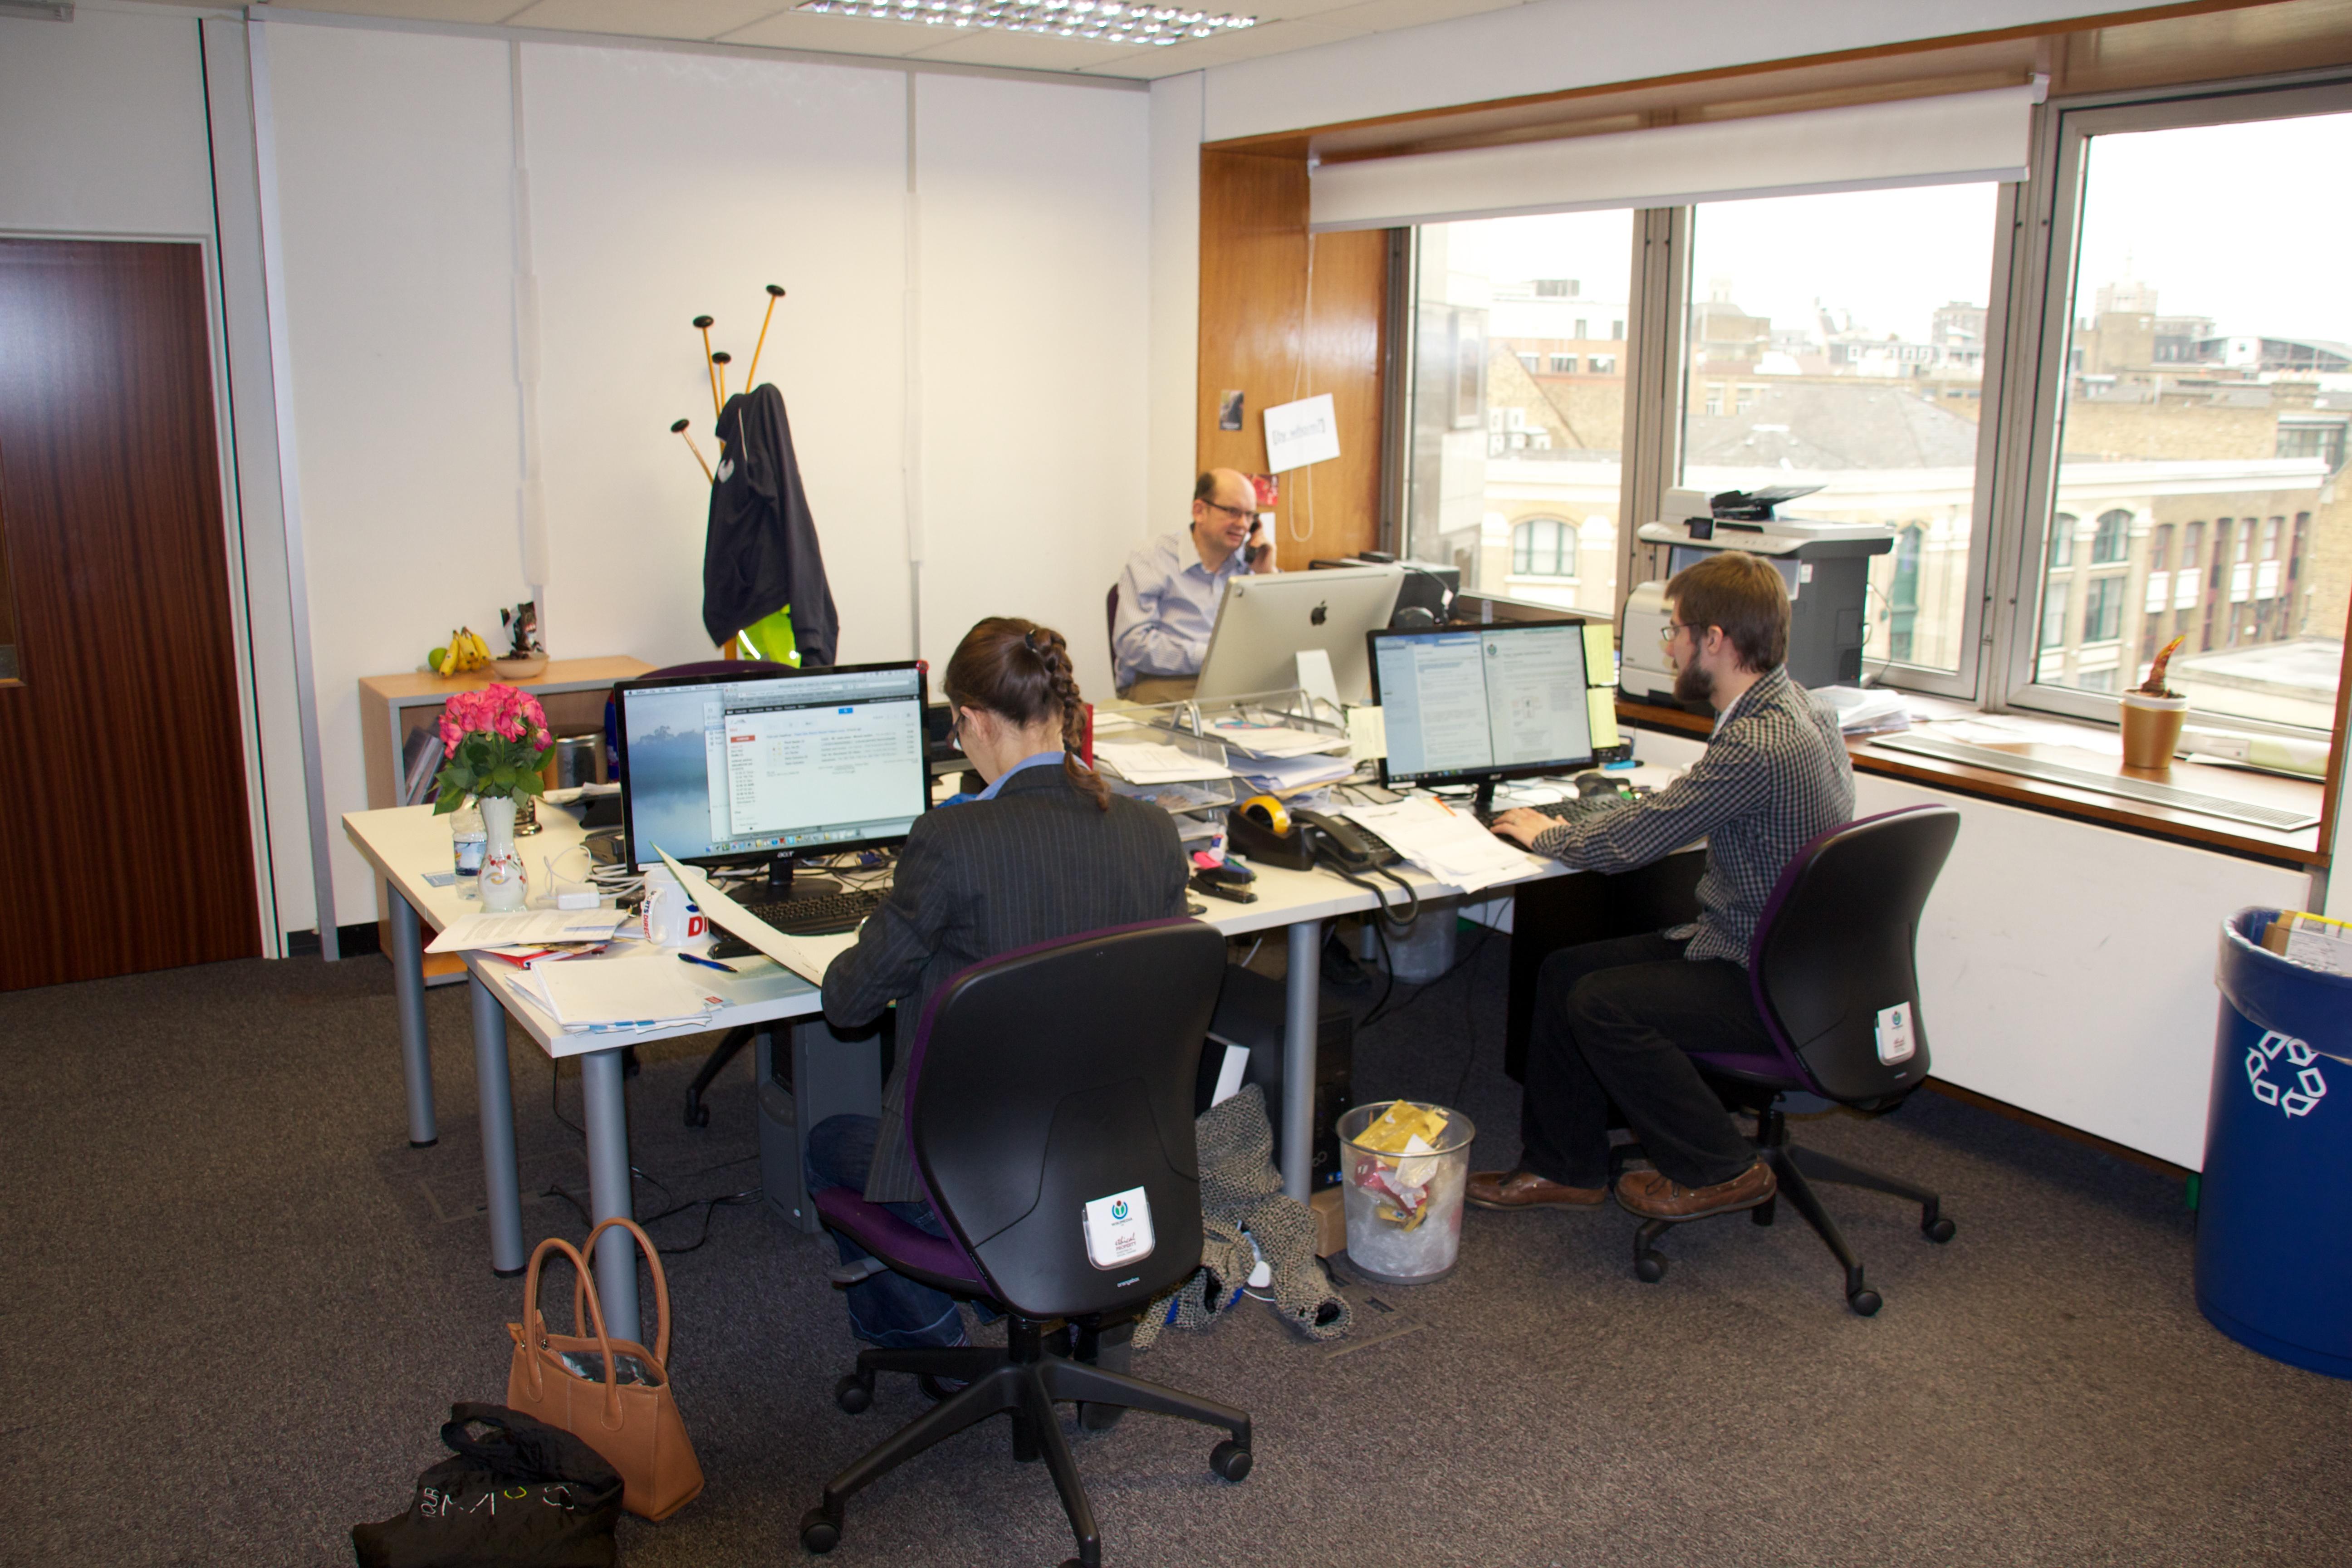 employee working in office